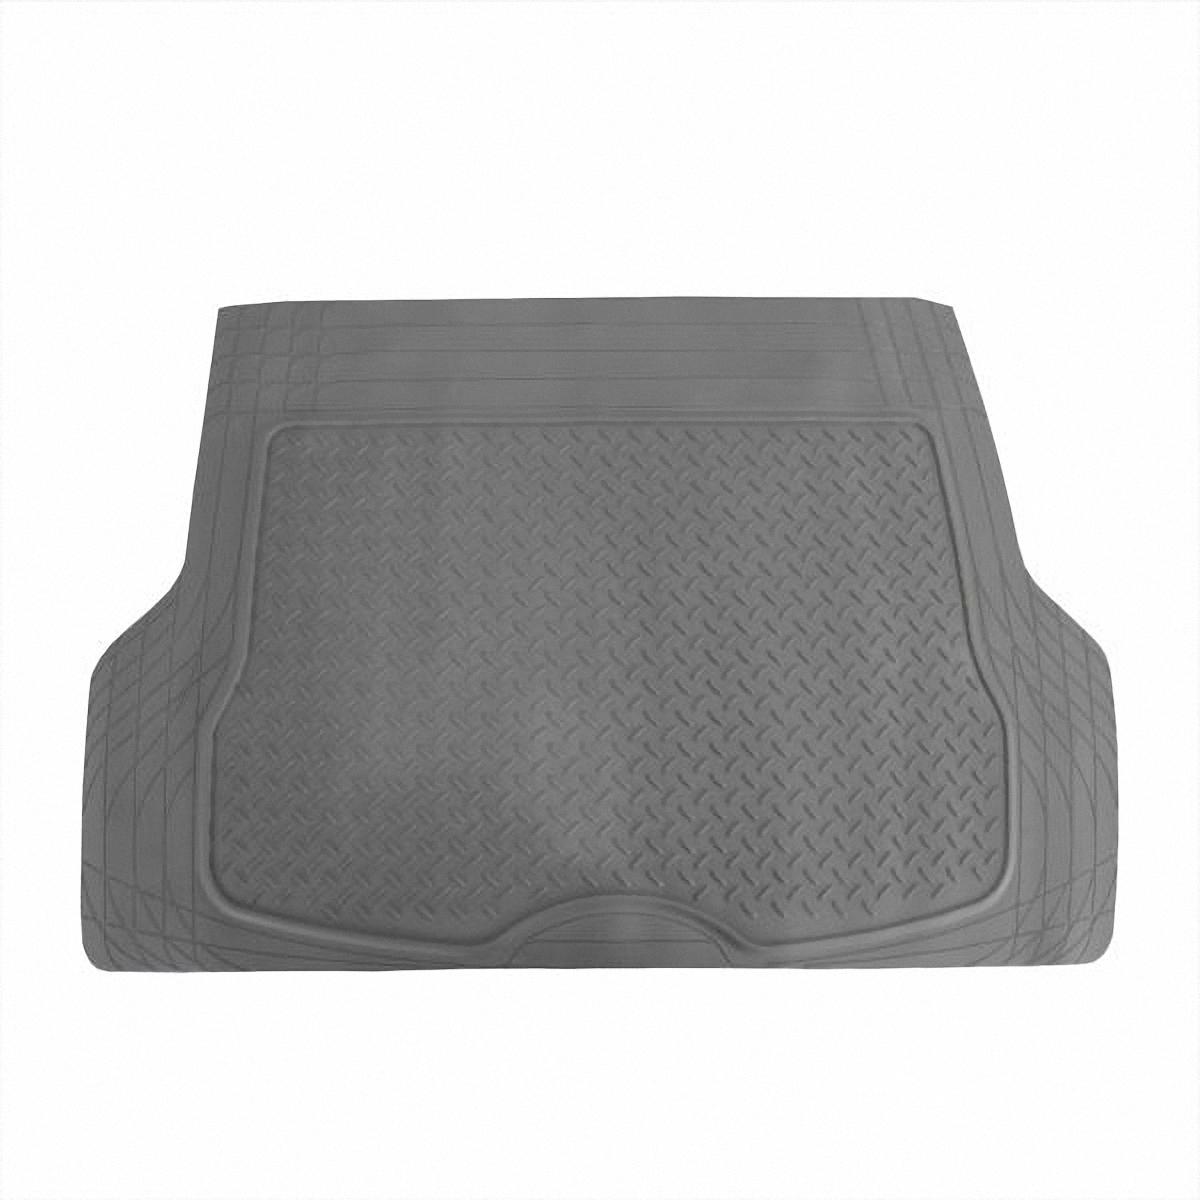 Коврик в салон автомобиля Skyway, в багажник, цвет: серый, 80 х 126,5 см98291124Коврик сохраняет эластичность даже при экстремально низких и высоких температурах (от -50°С до +50°С). Обладает повышенной устойчивостью к износу и агрессивным средам, таким как антигололёдные реагенты, масло и топливо. Усовершенствованная конструкция изделия обеспечивает плотное прилегание и надёжную фиксацию коврика на полу автомобиля.Размер: 80 х 126,5 см.